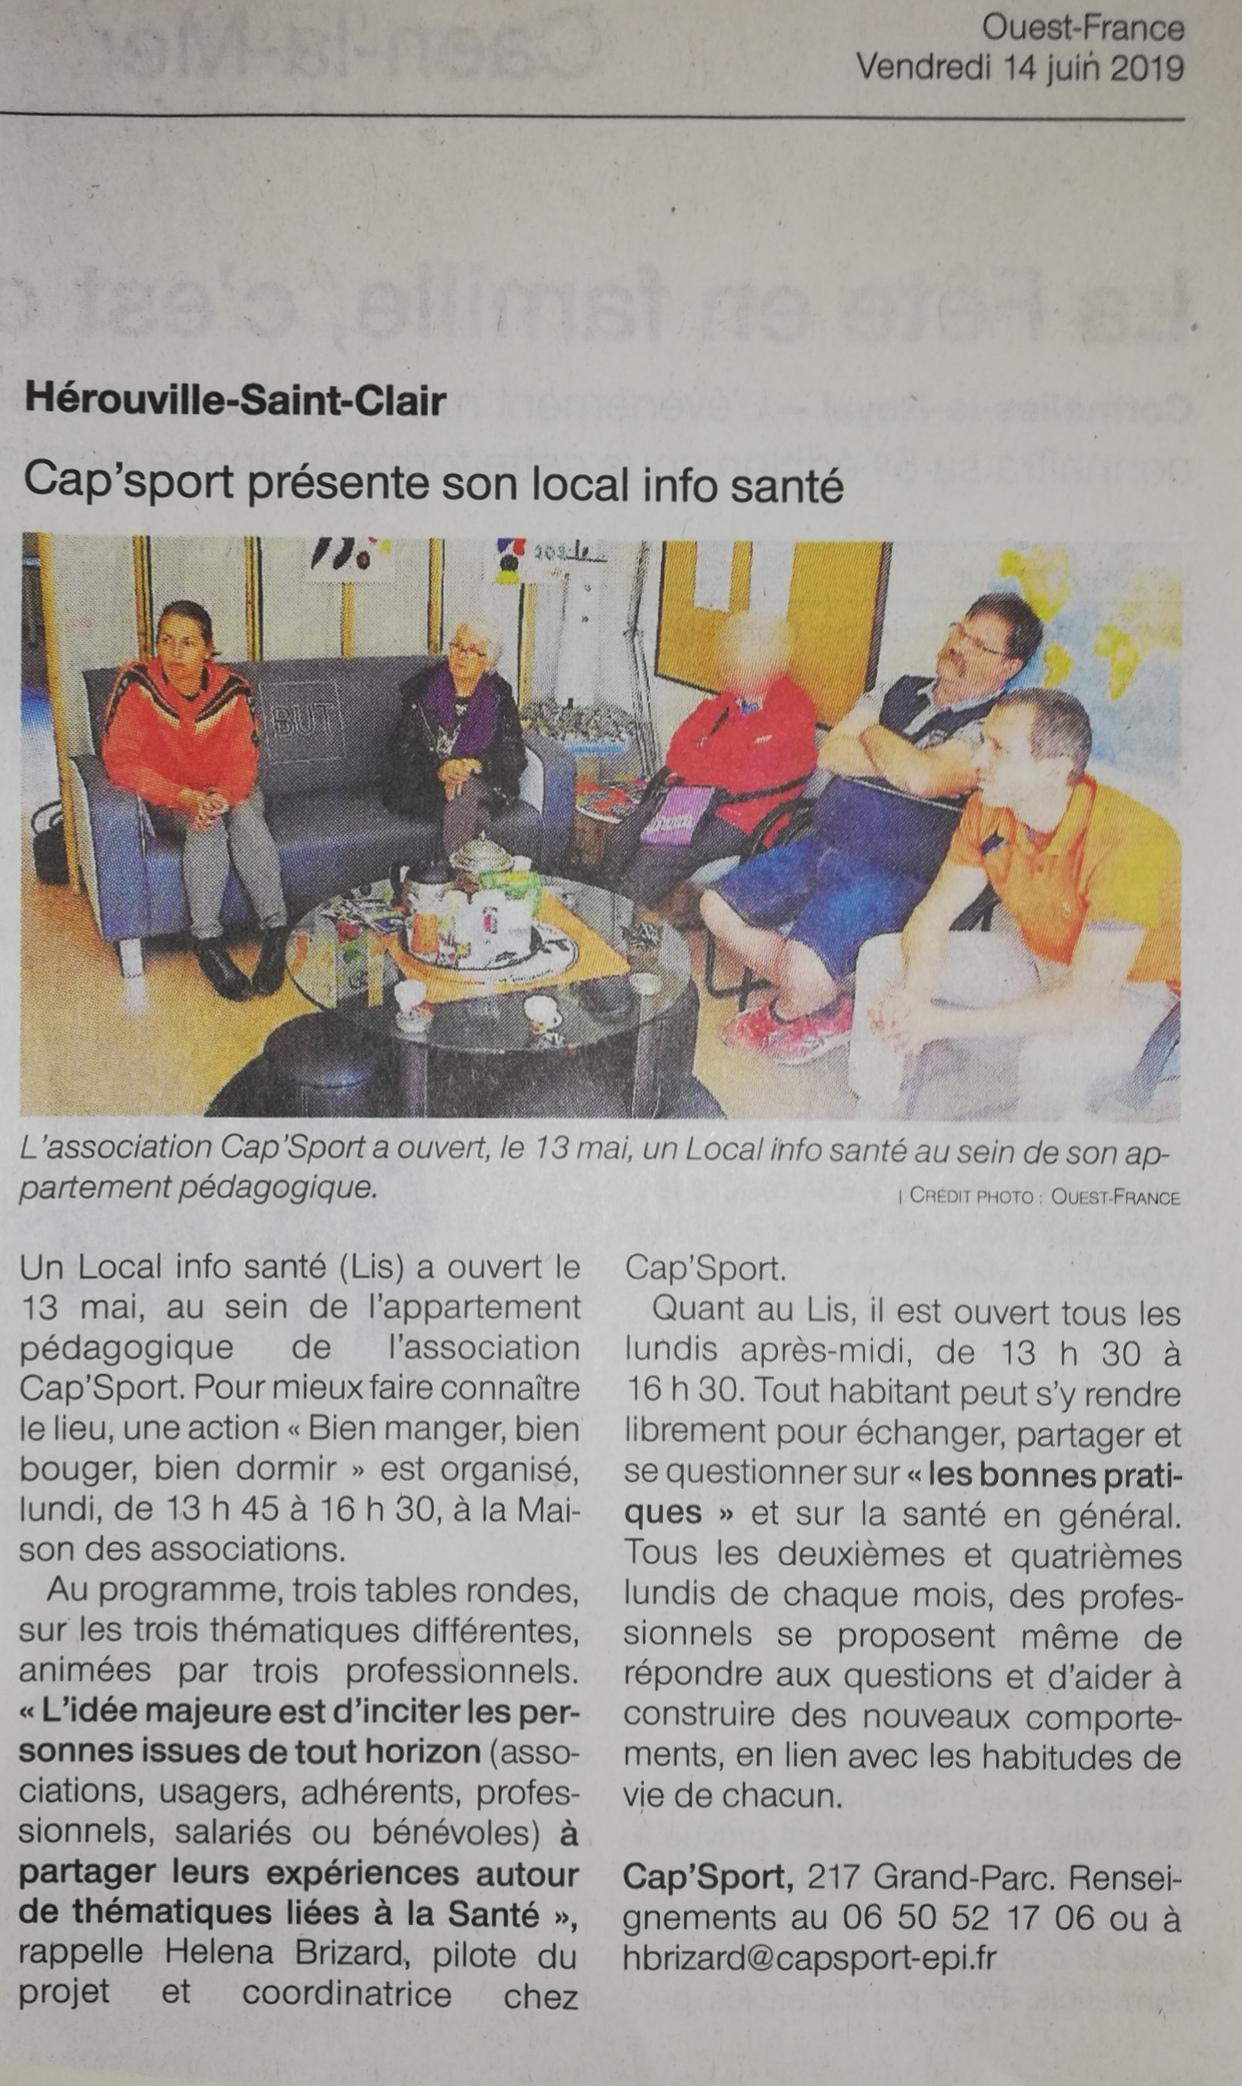 CAP'Sport présente son local info santé